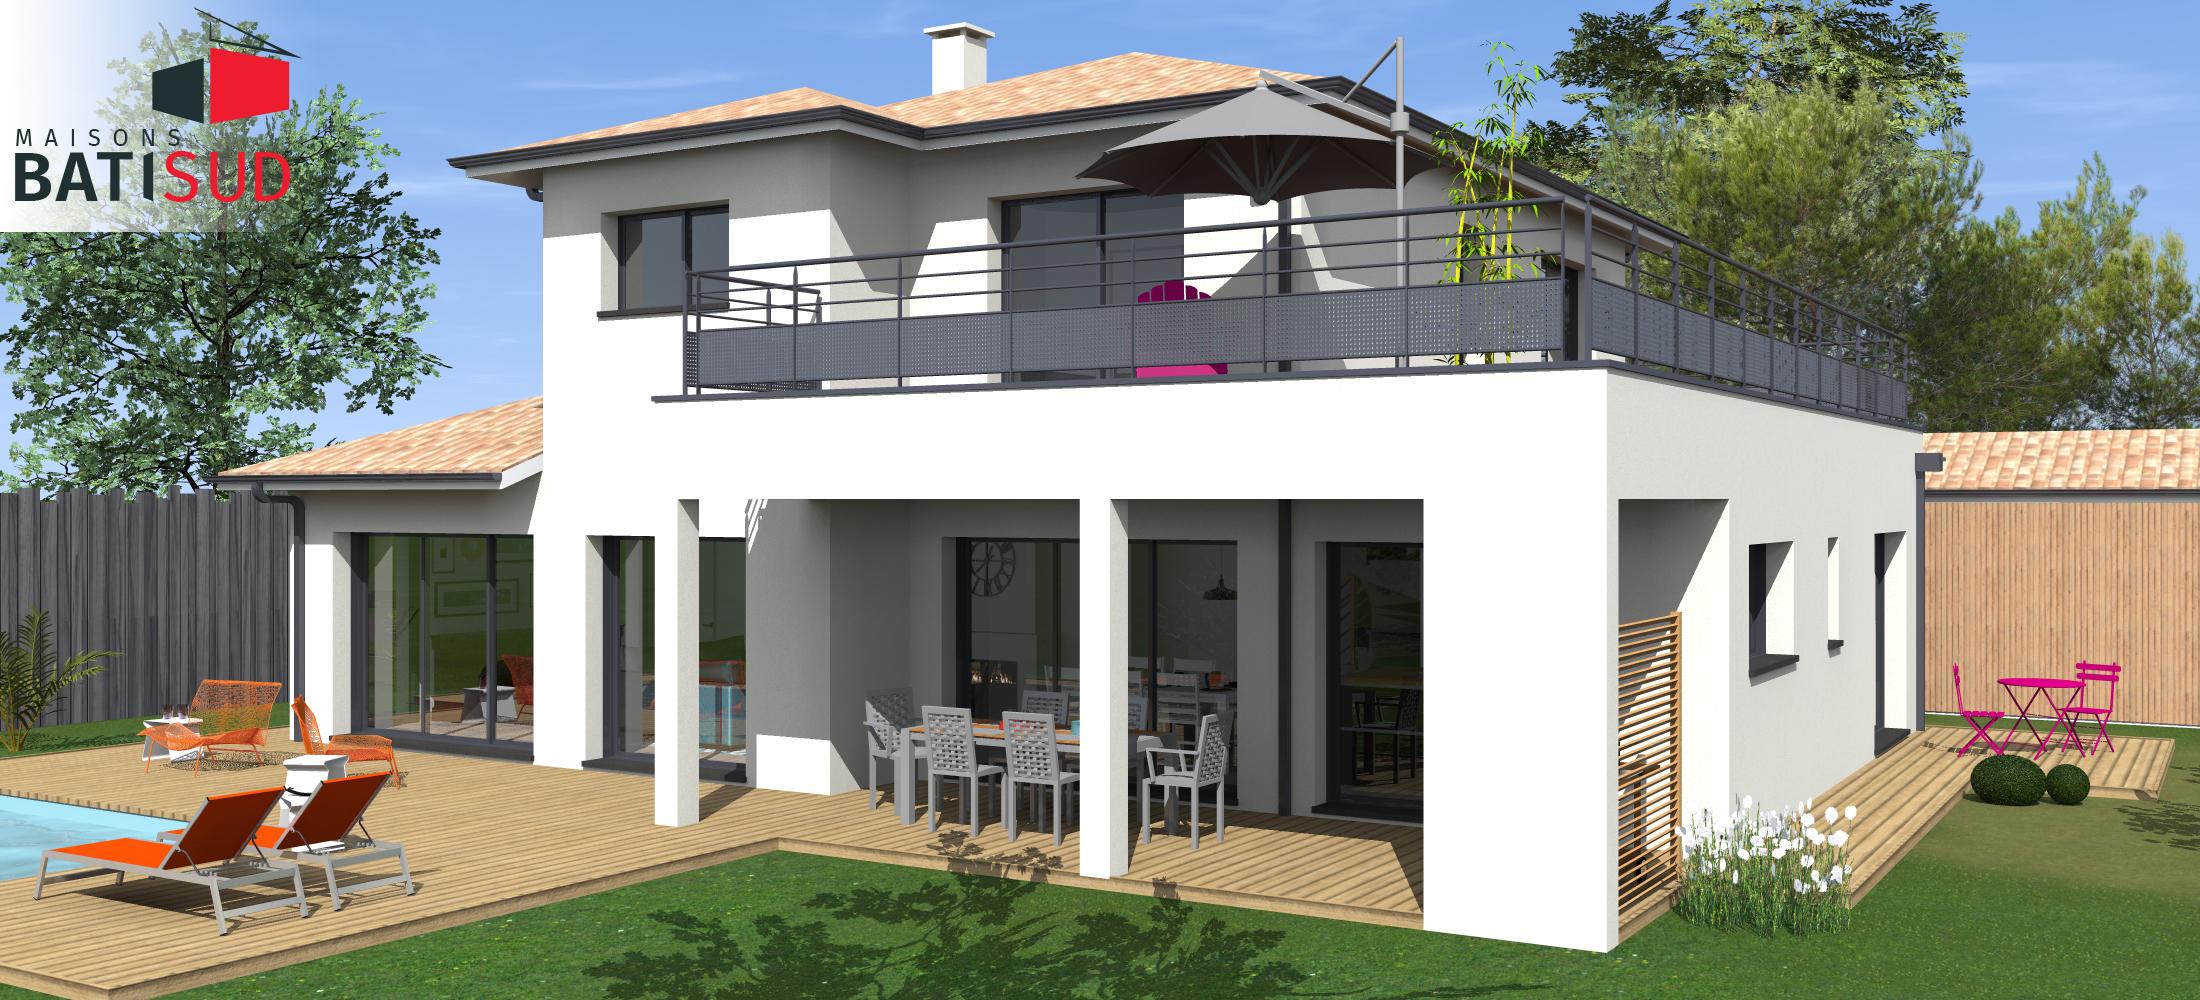 bati-sud-maginifique-maison-moderne-solarium-terrasse ...